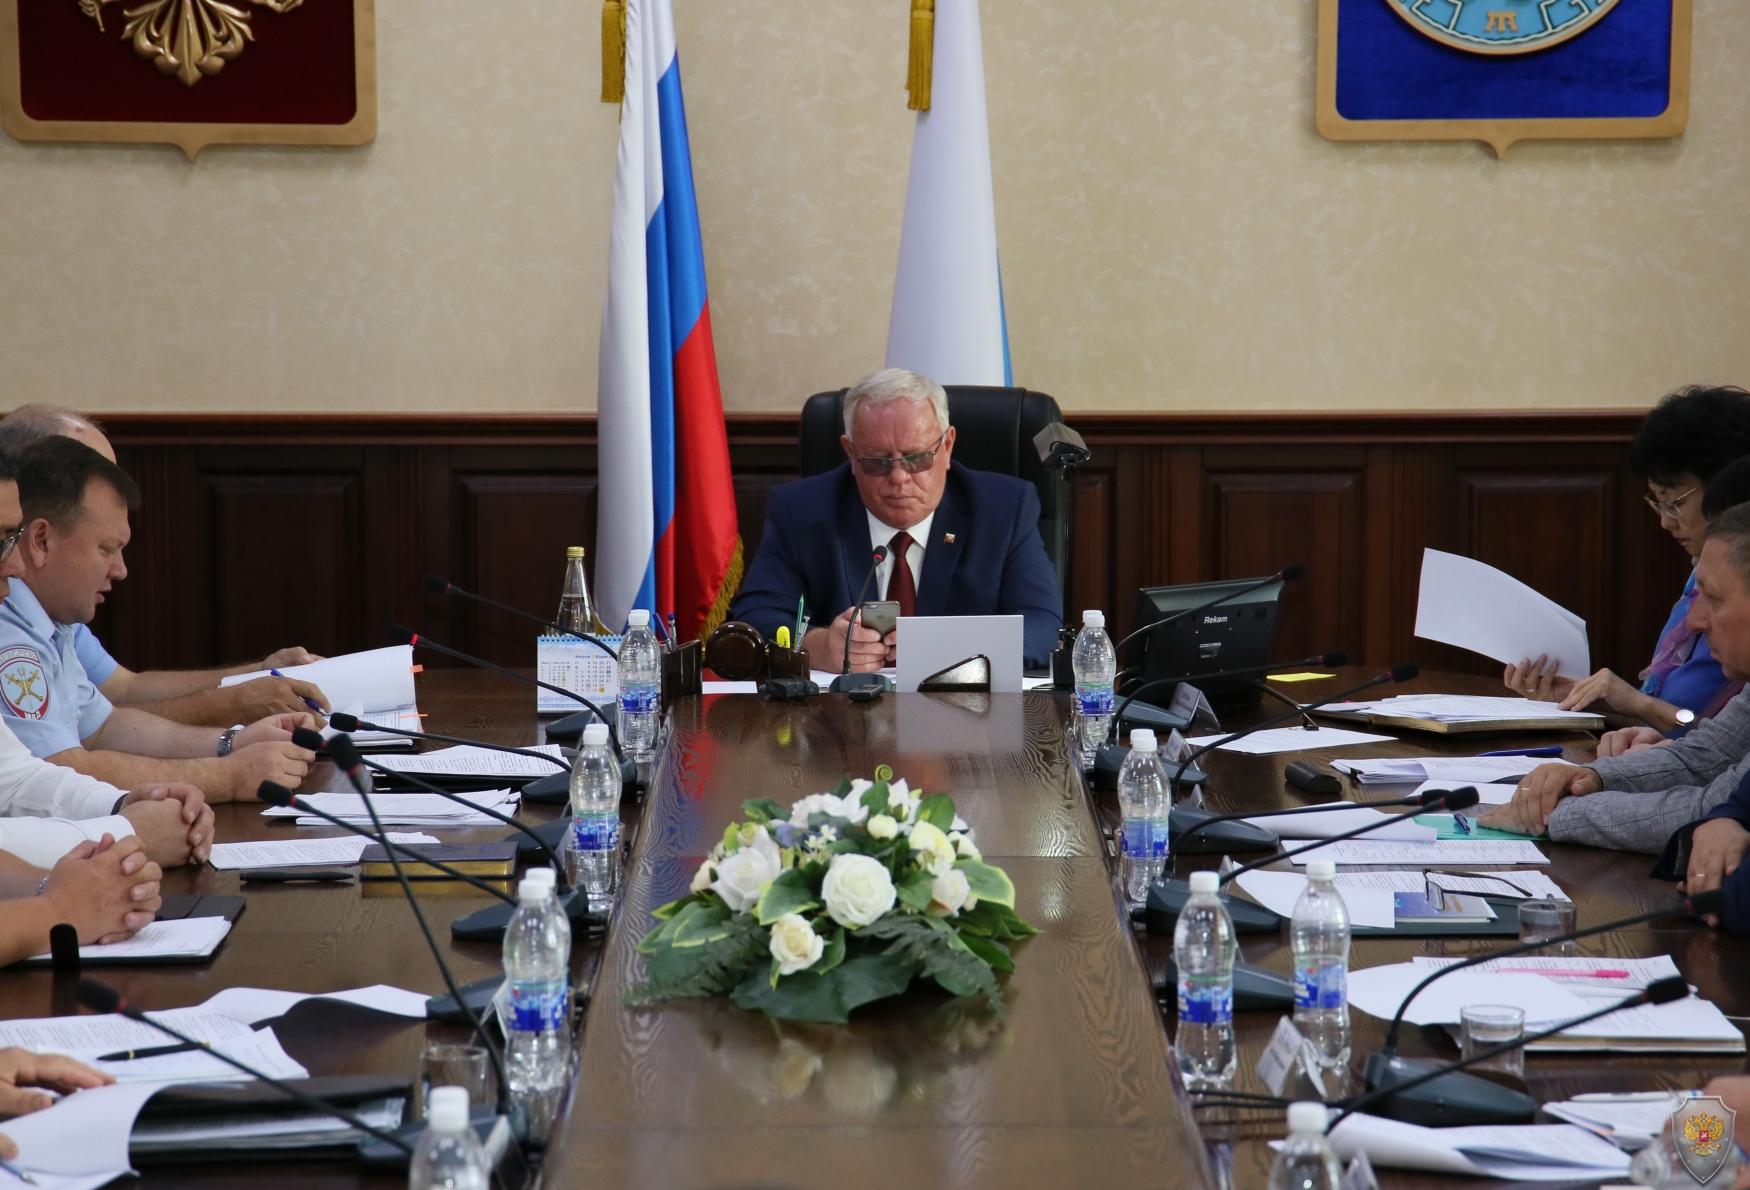 Доклад министра внутренних дел по Республике Алтай по вопросу о готовности к действиям по предназначению в период проведения мероприятий к Дню знаний